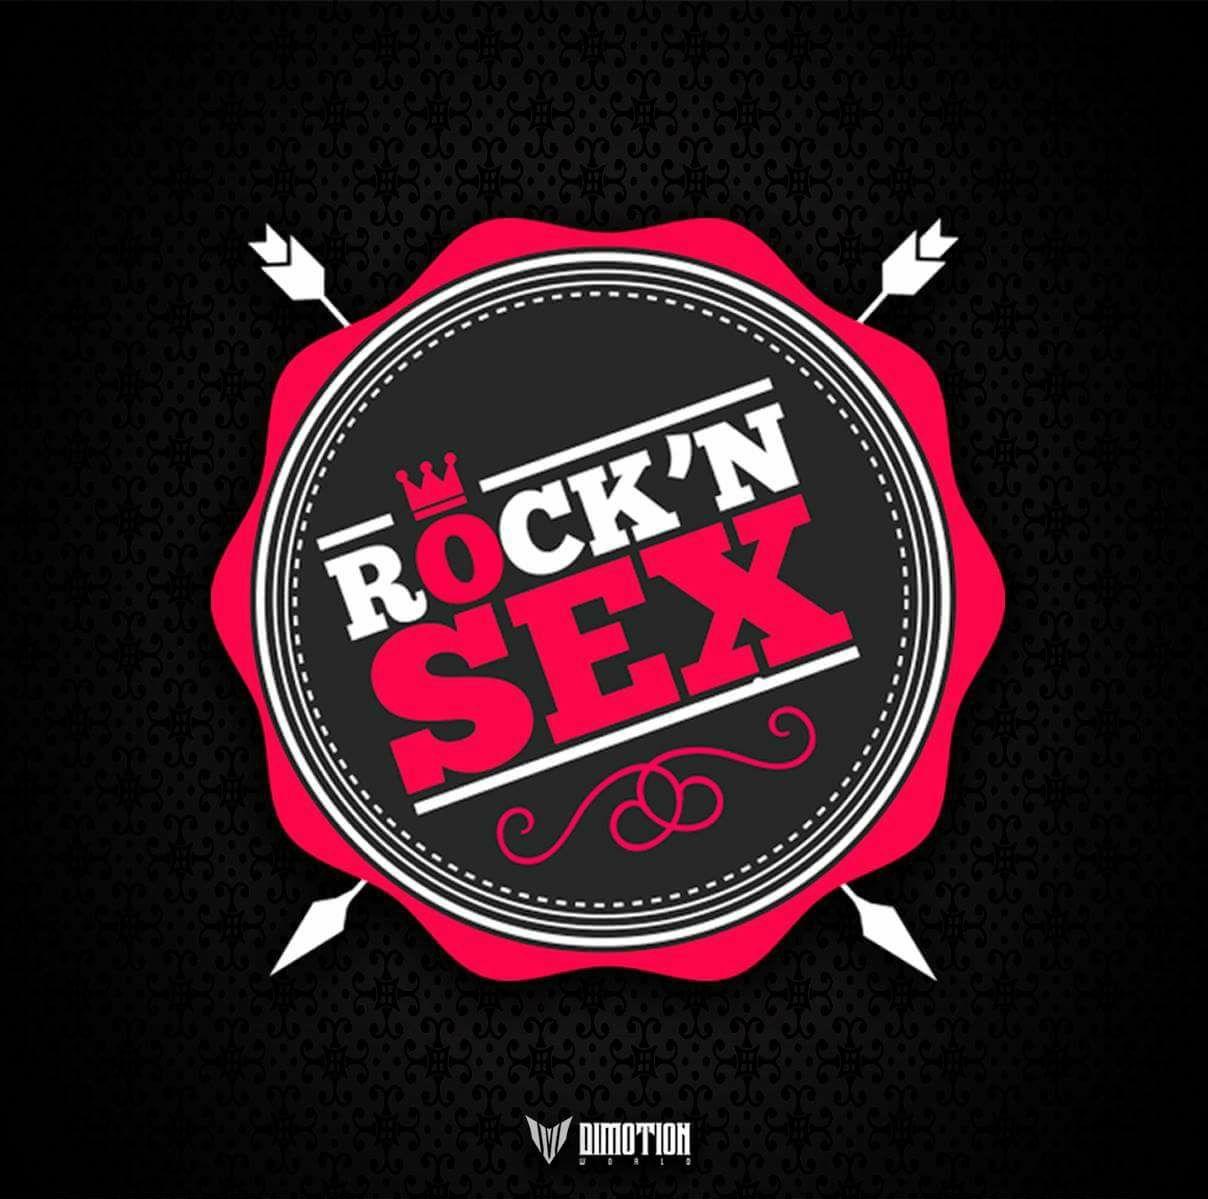 Rockandsex